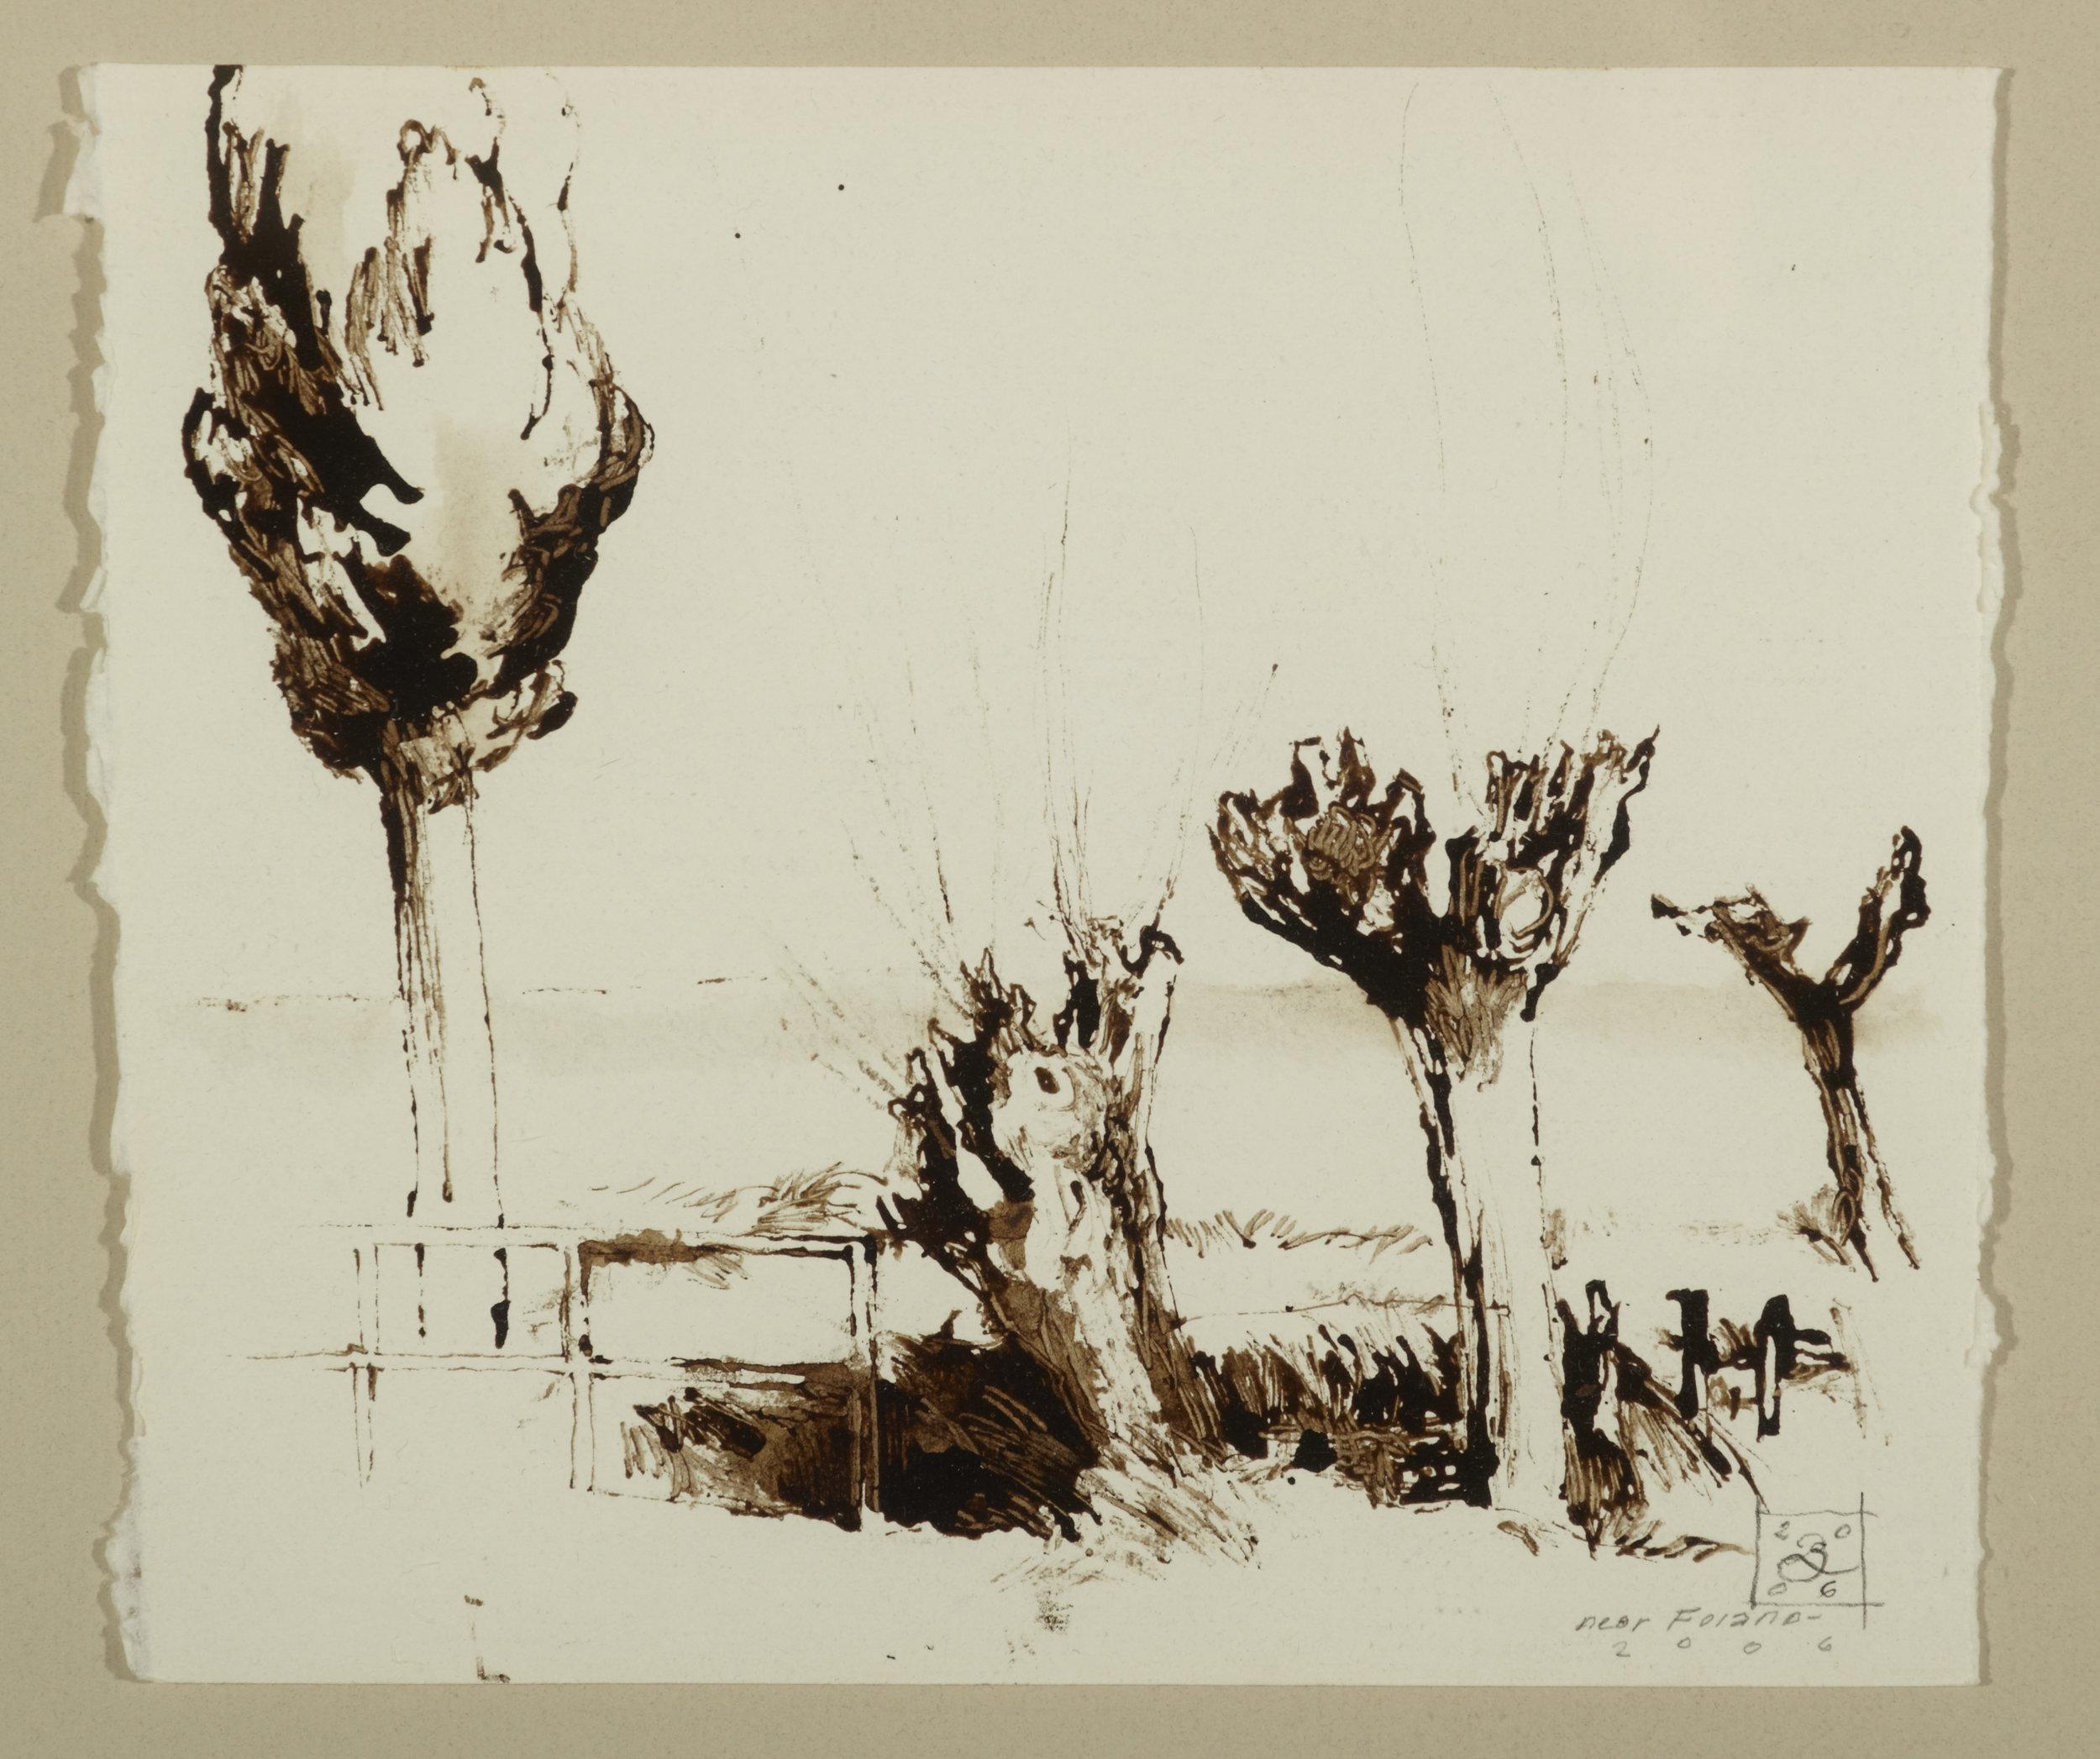 Three Trees Near Foiano